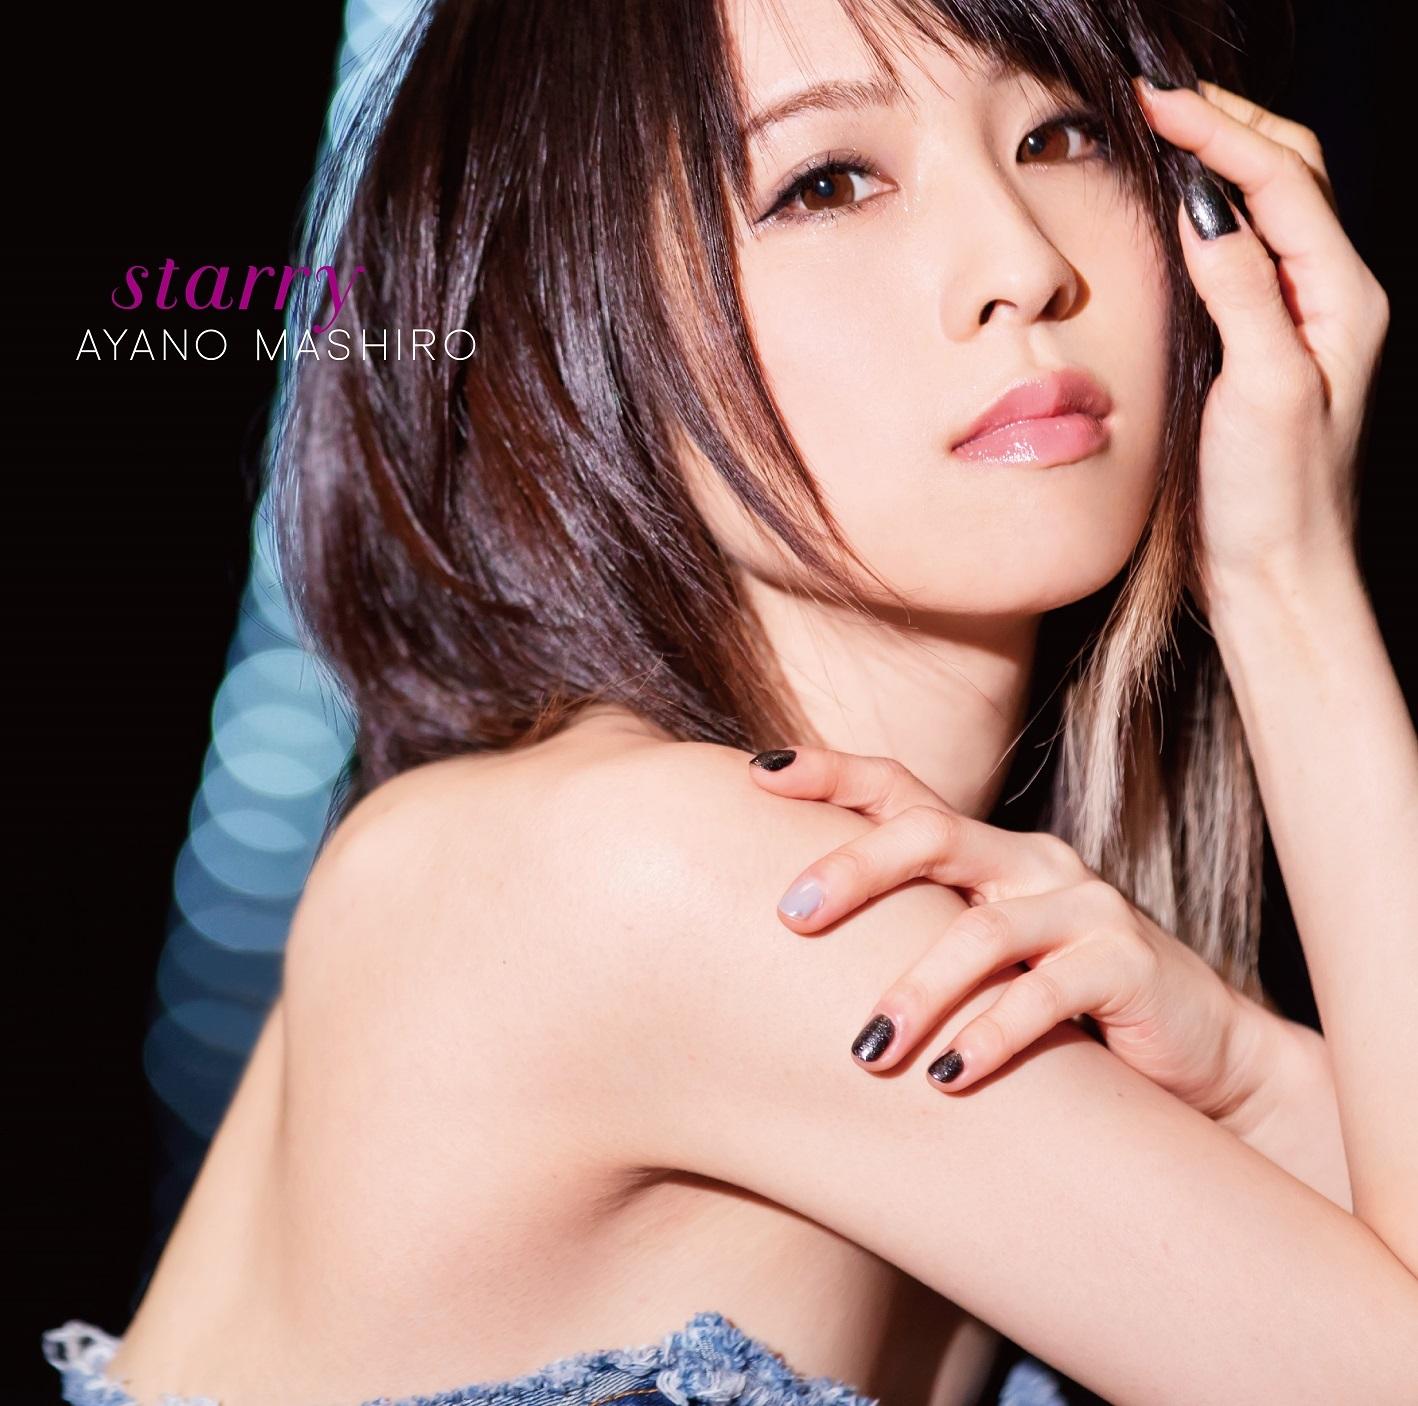 NekoPOP-Mashiro-Ayano-starry-announce-1